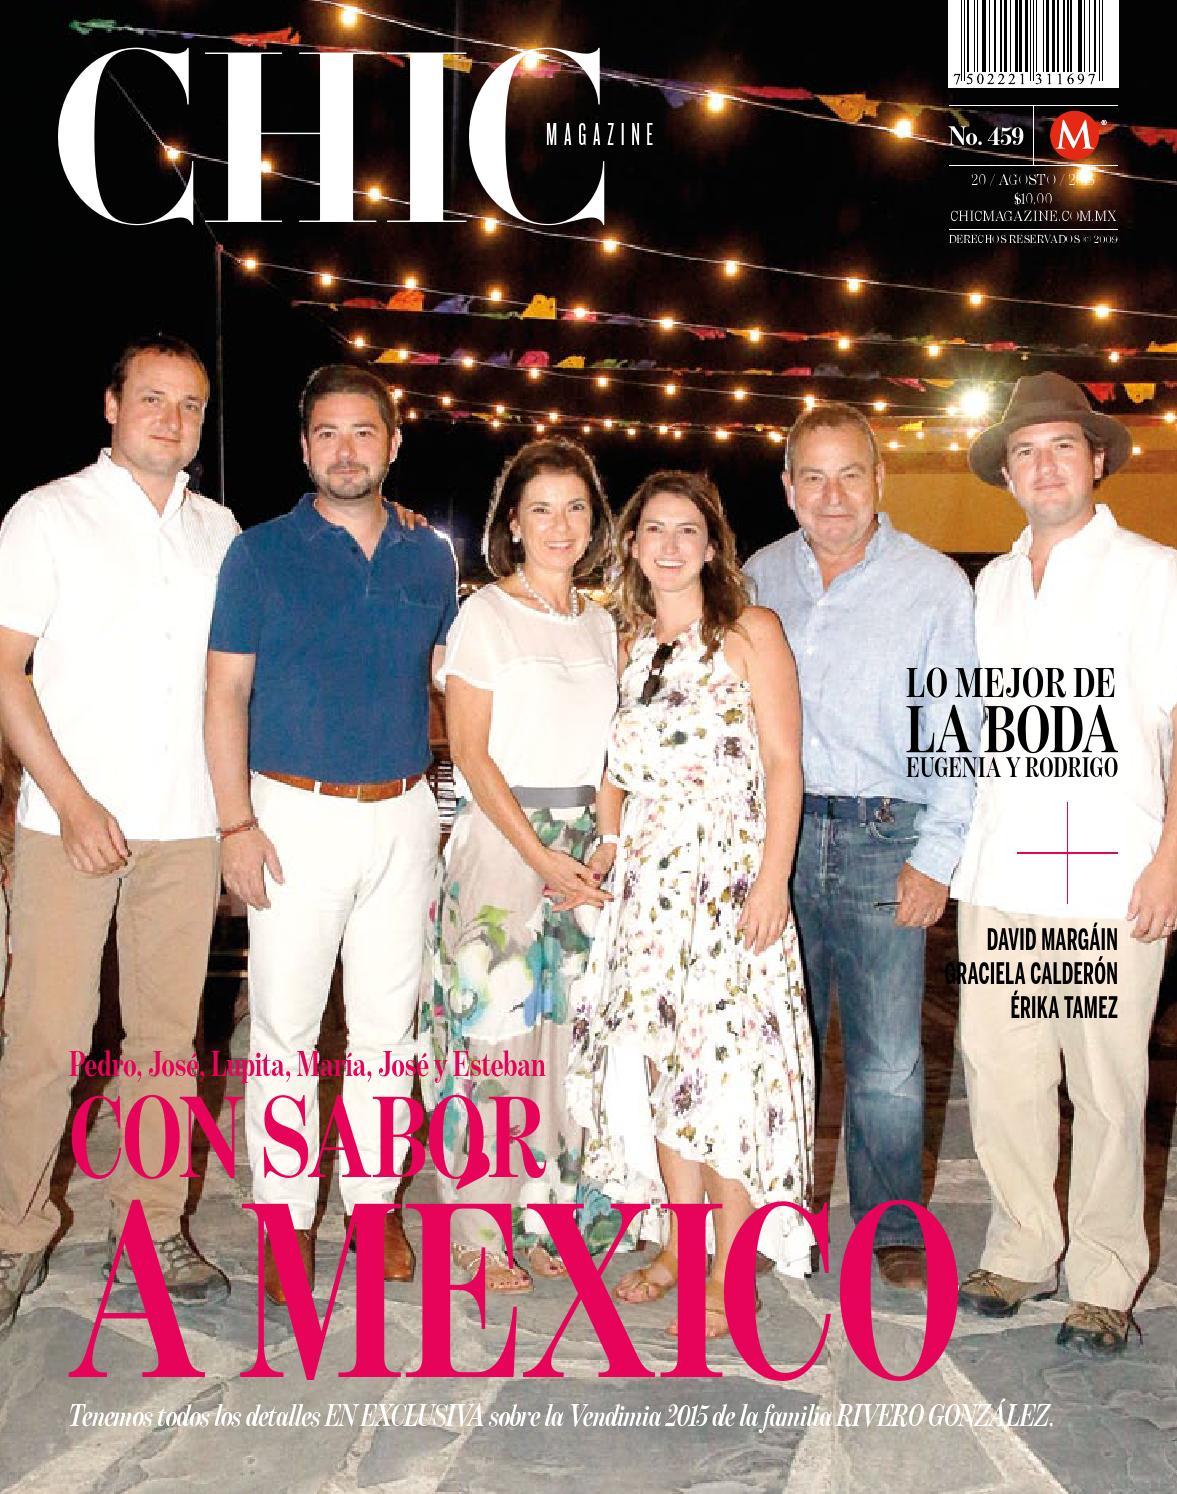 Adriana 20 y 40 hotel jardines de churubusco - 5 7